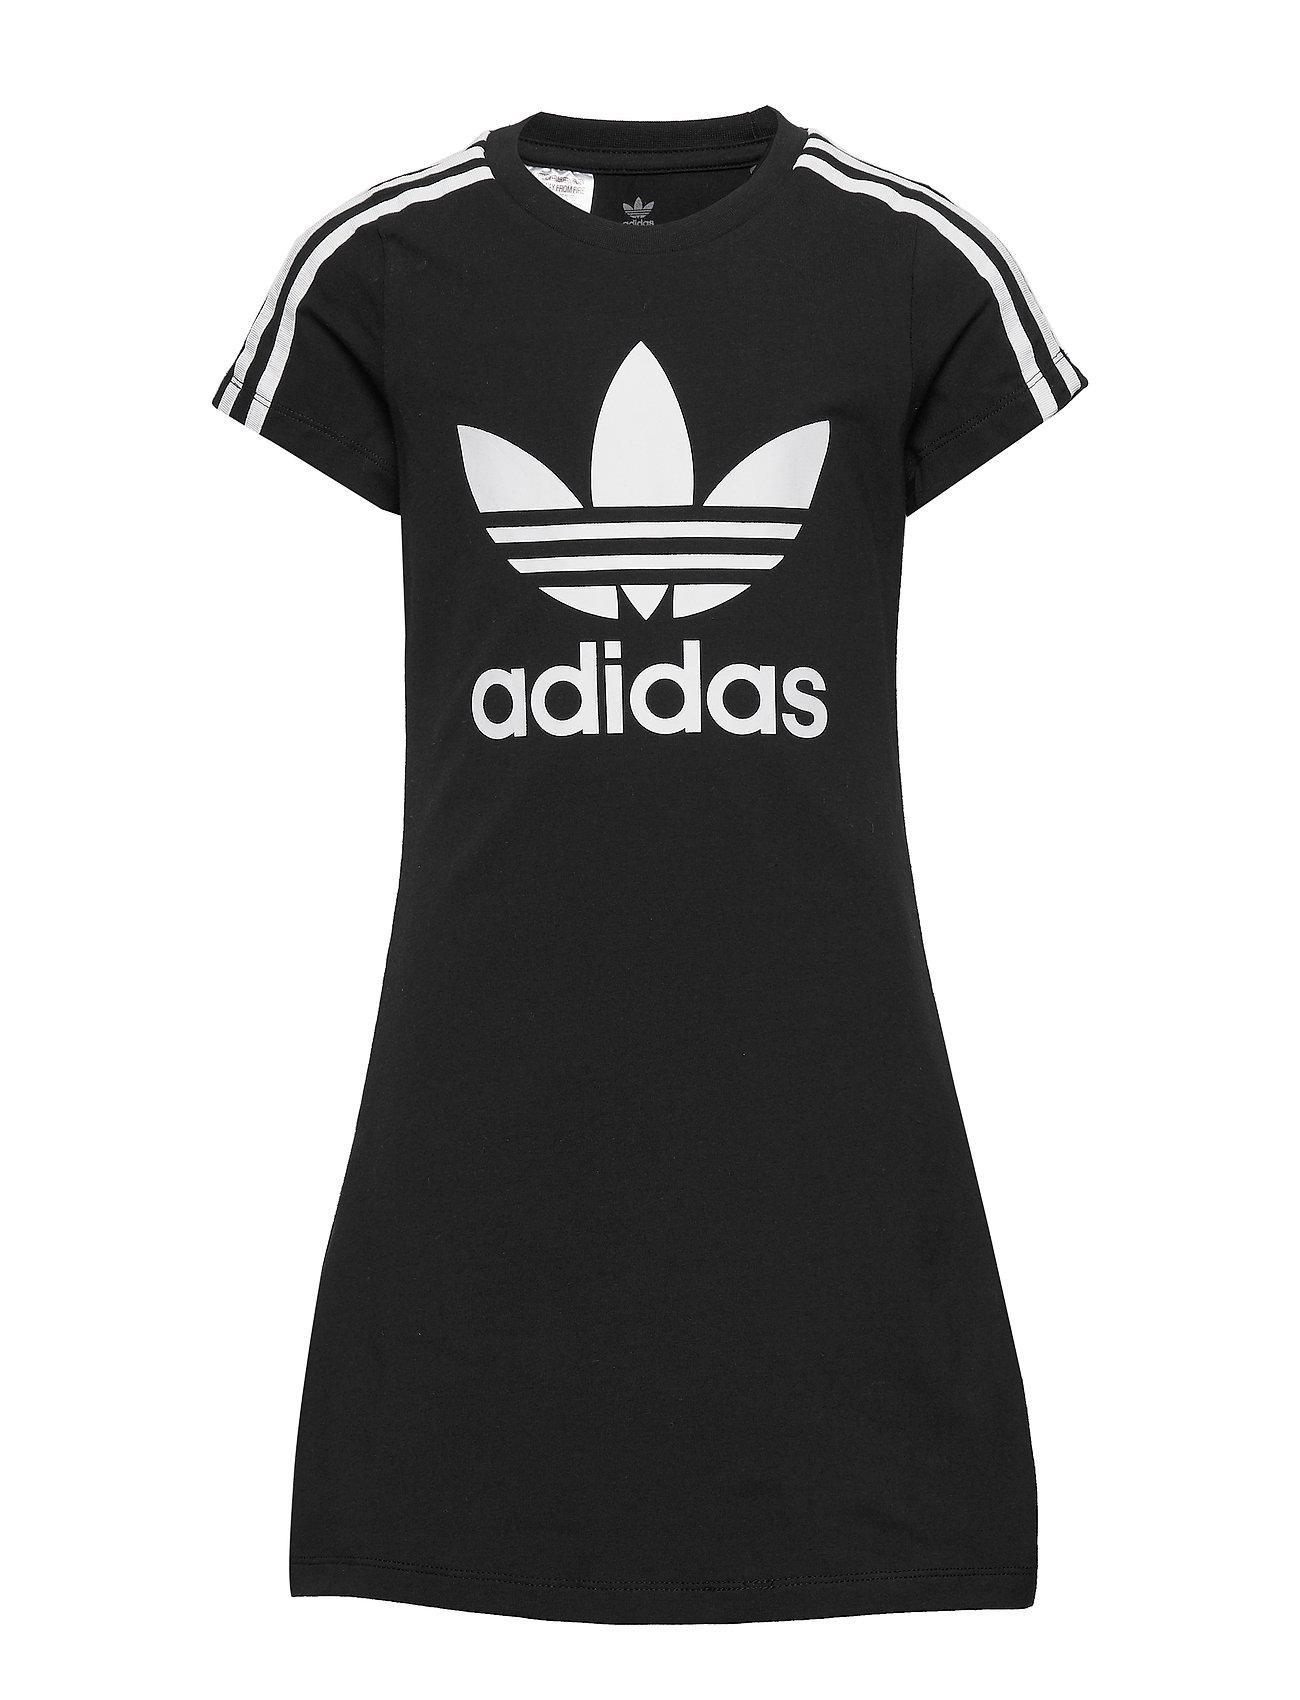 adidas Originals SKATER DRESS - BLACK/WHITE